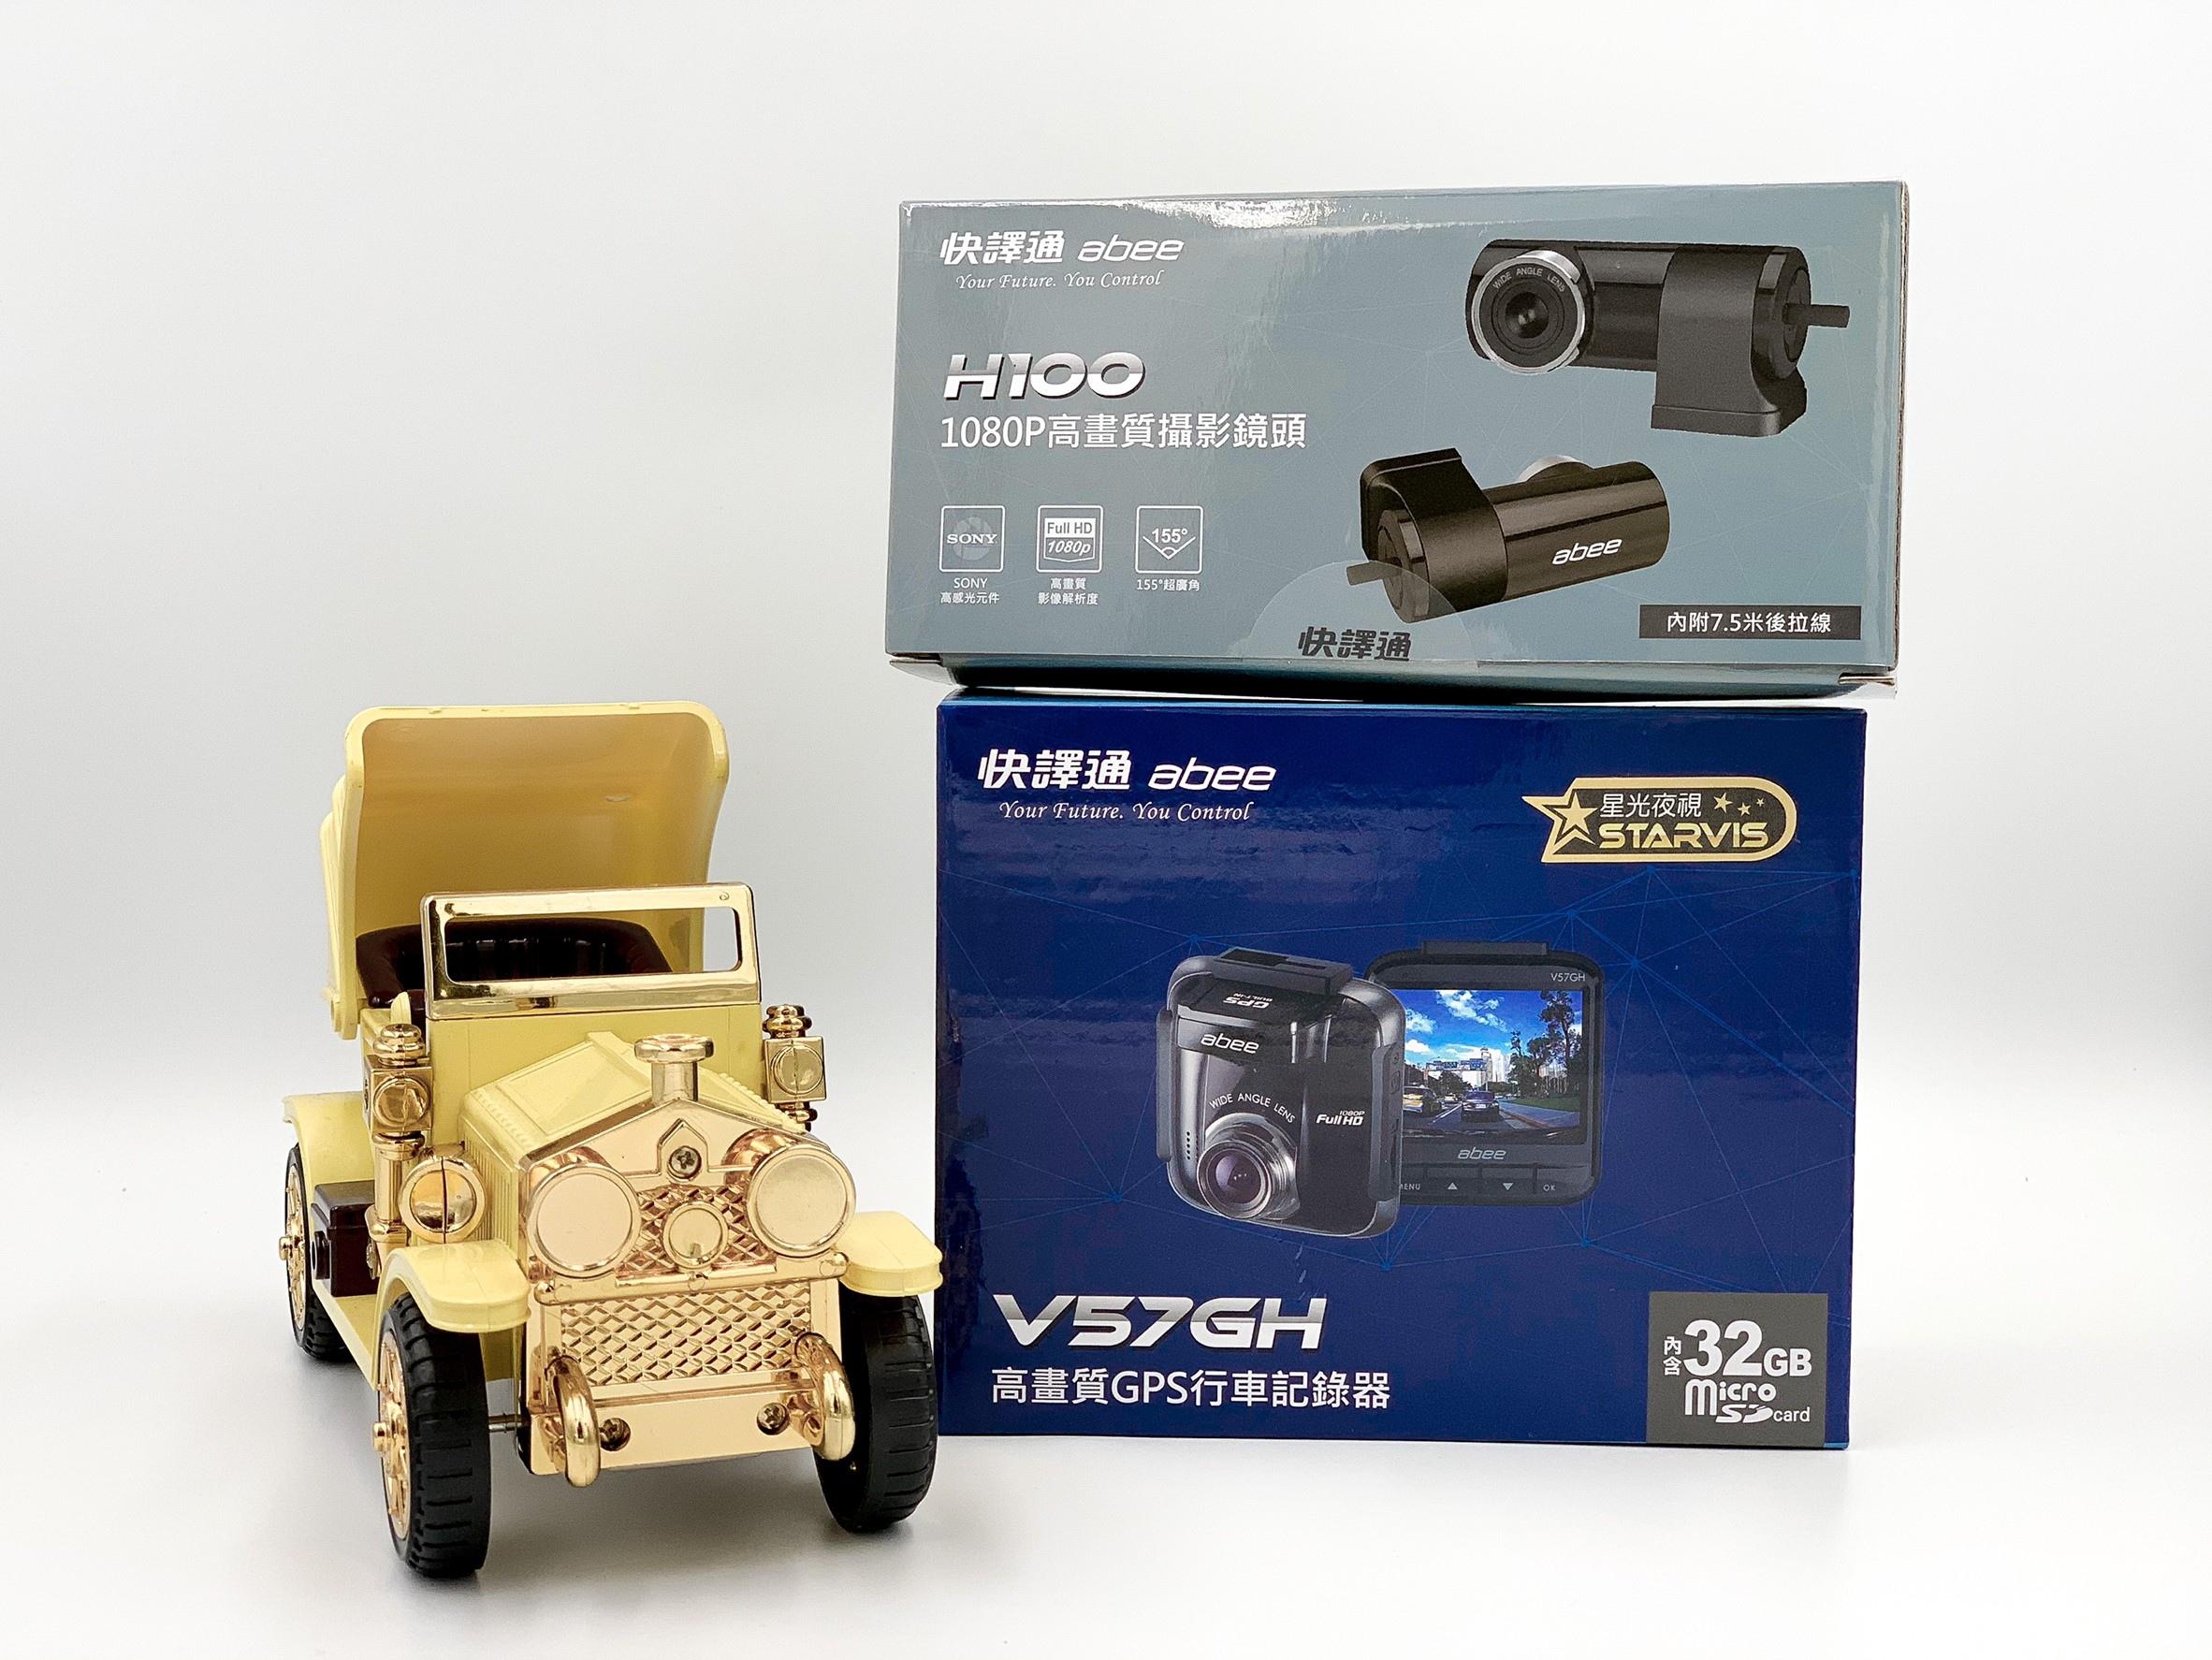 快譯通 abee 行車記錄器│V57GH、H100 前後雙鏡頭 Full HD1080P 高畫質【SONY低照度高感光CMOS感光元件】155度超廣角,車輛道路盡收眼裡